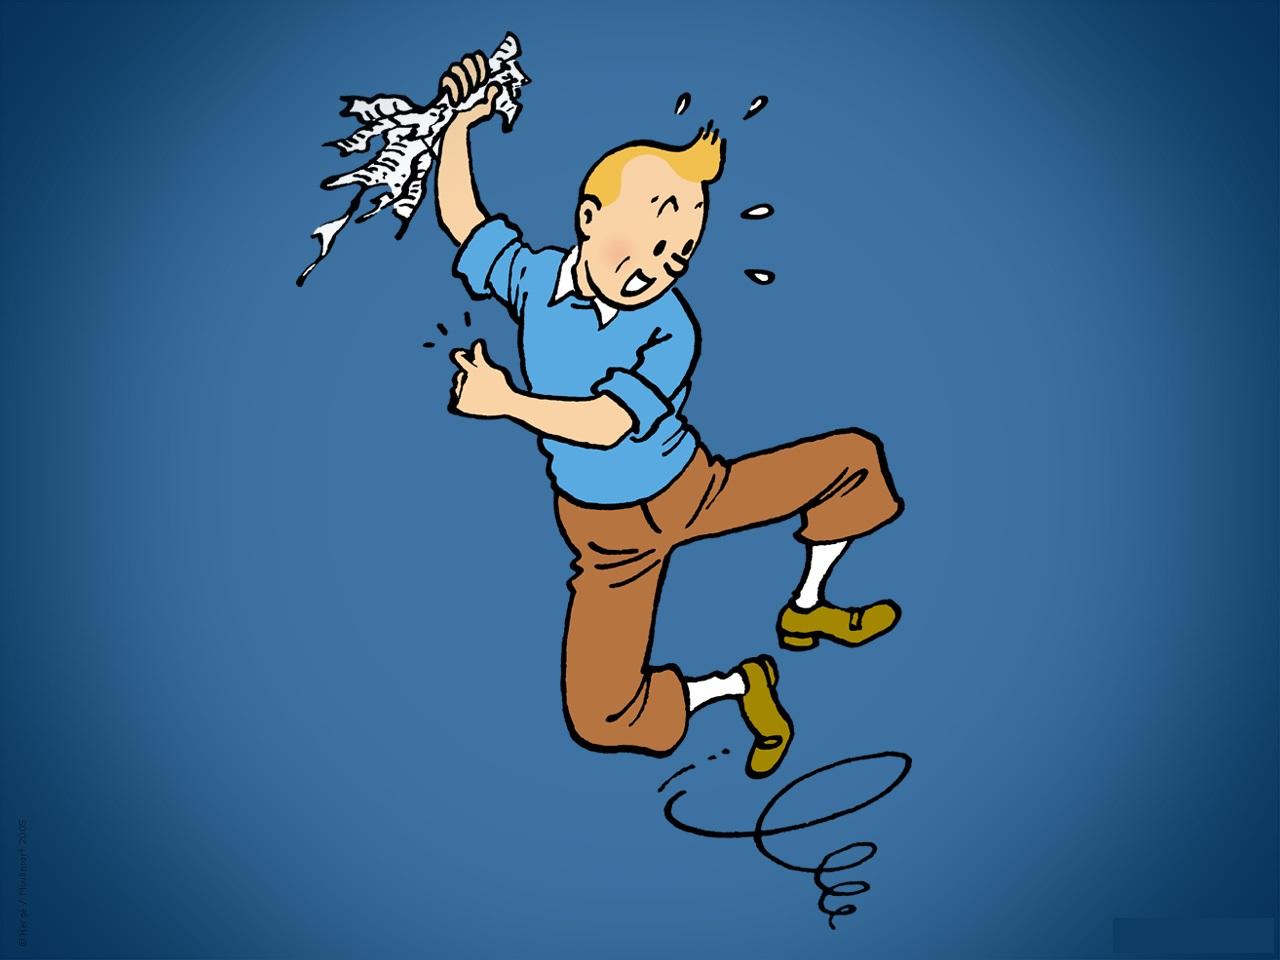 5 Fonds D Ecran Tintin Tintinomania